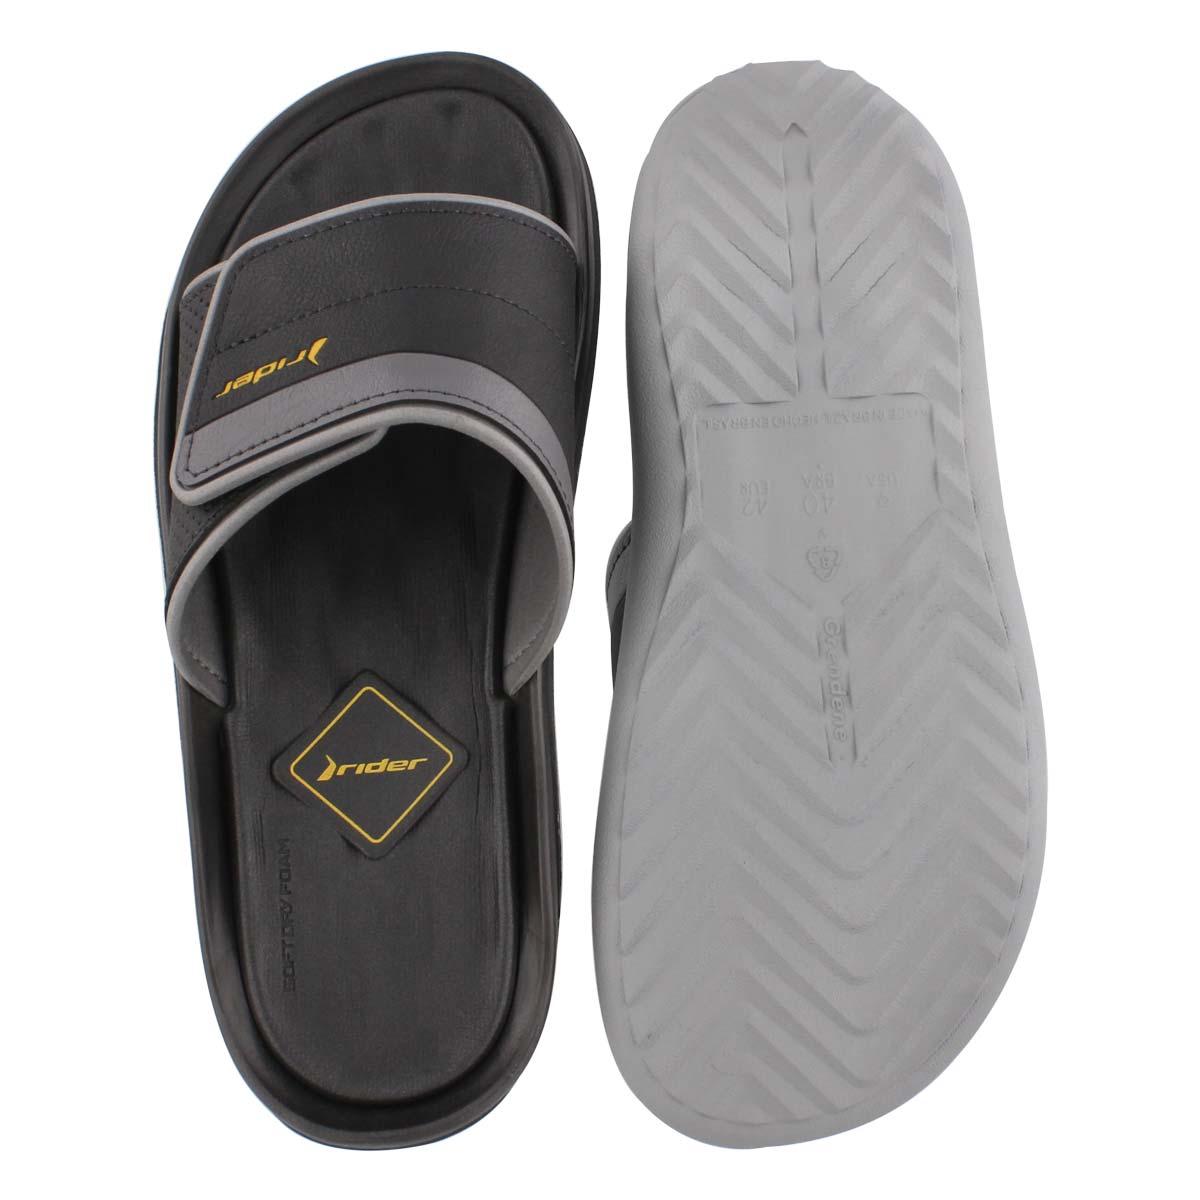 Mns Evolution Slide II blk/gry sandal